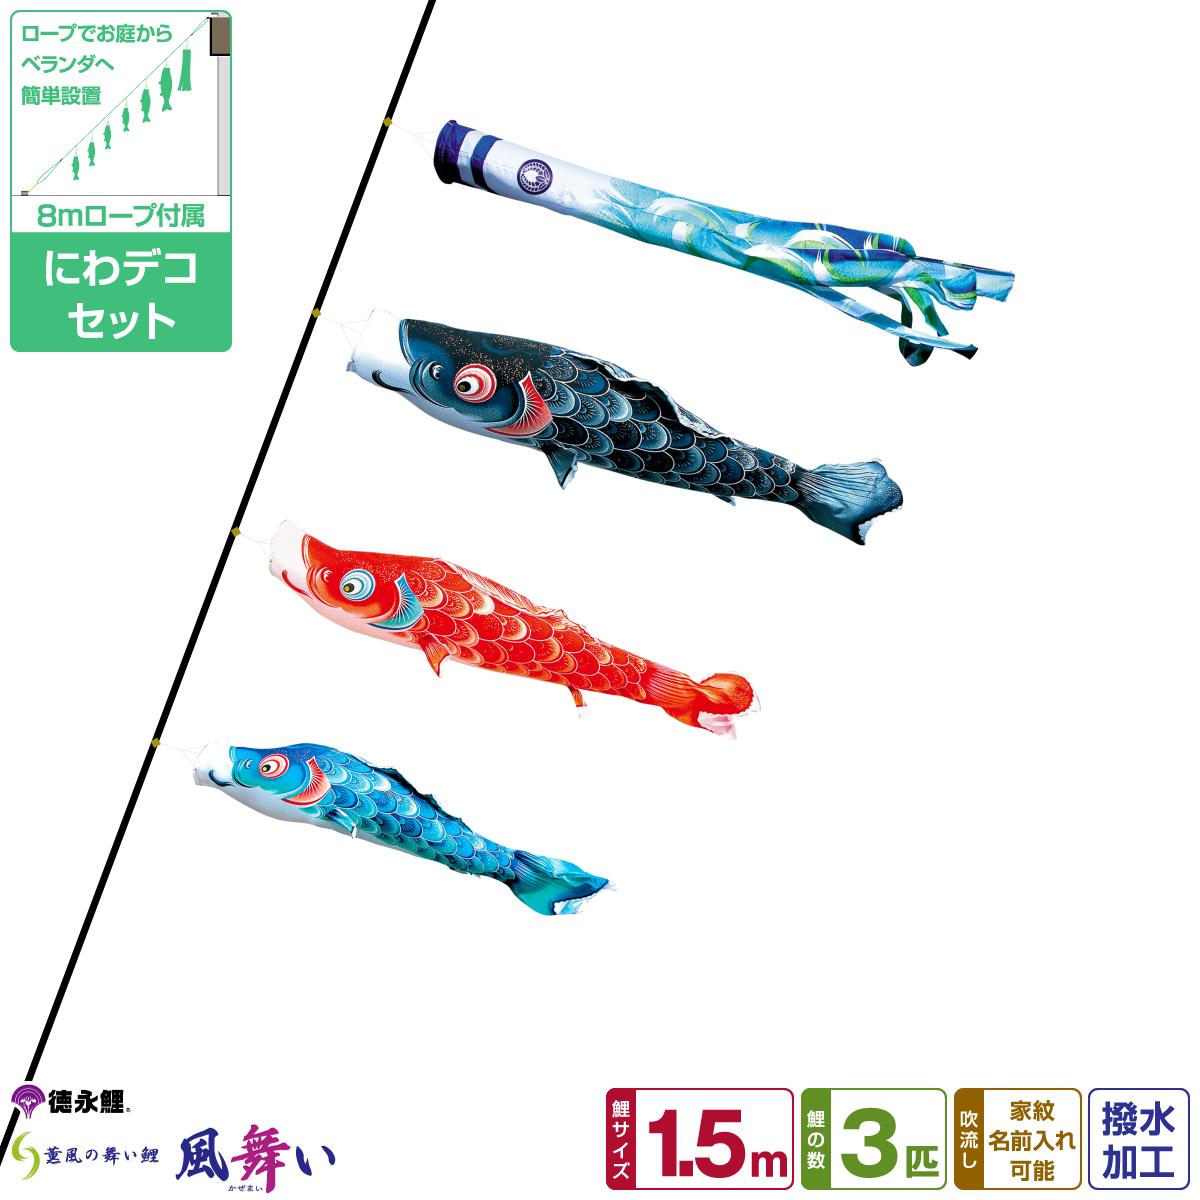 徳永鯉のぼり 風舞い鯉 1.5m 6点セット にわデコセット 2019年初節句 端午の節句 こどもの日 こいのぼり